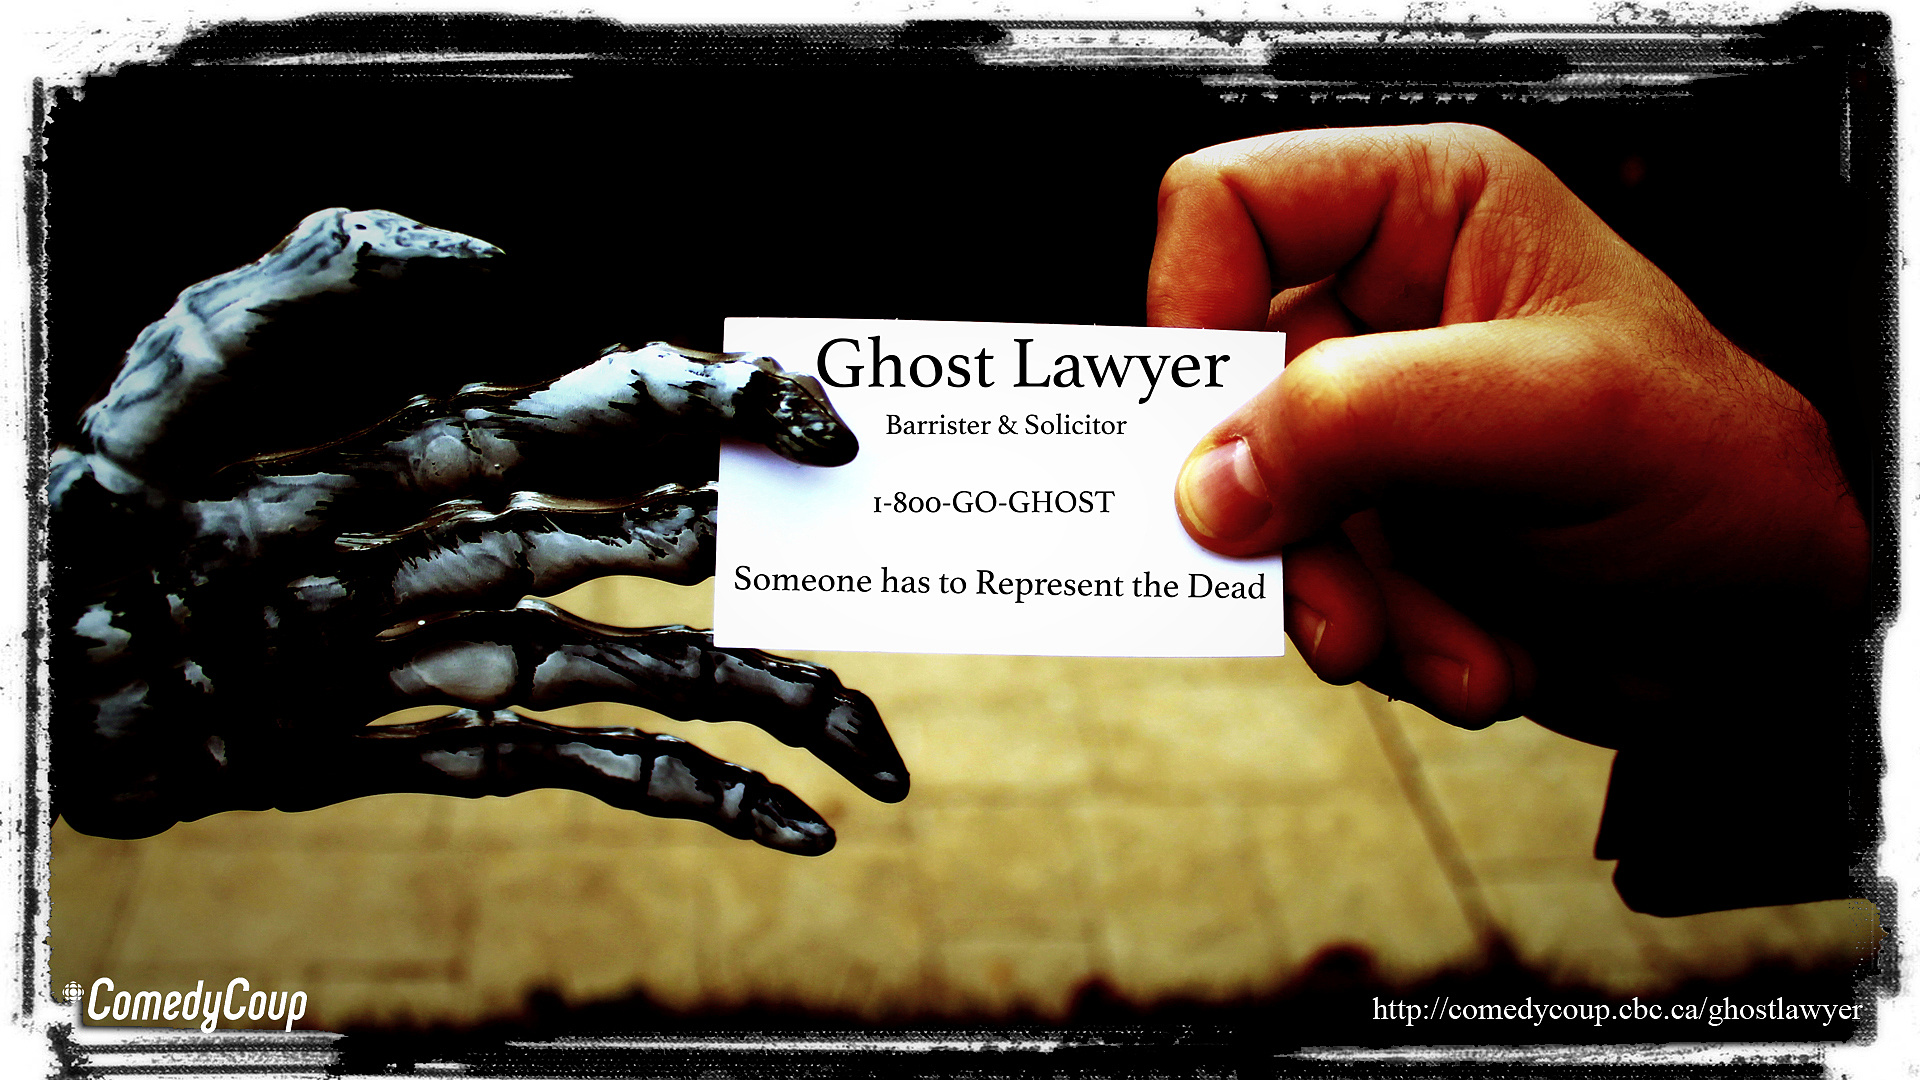 Week 4 Key It: Poster B Ghost Lawyer